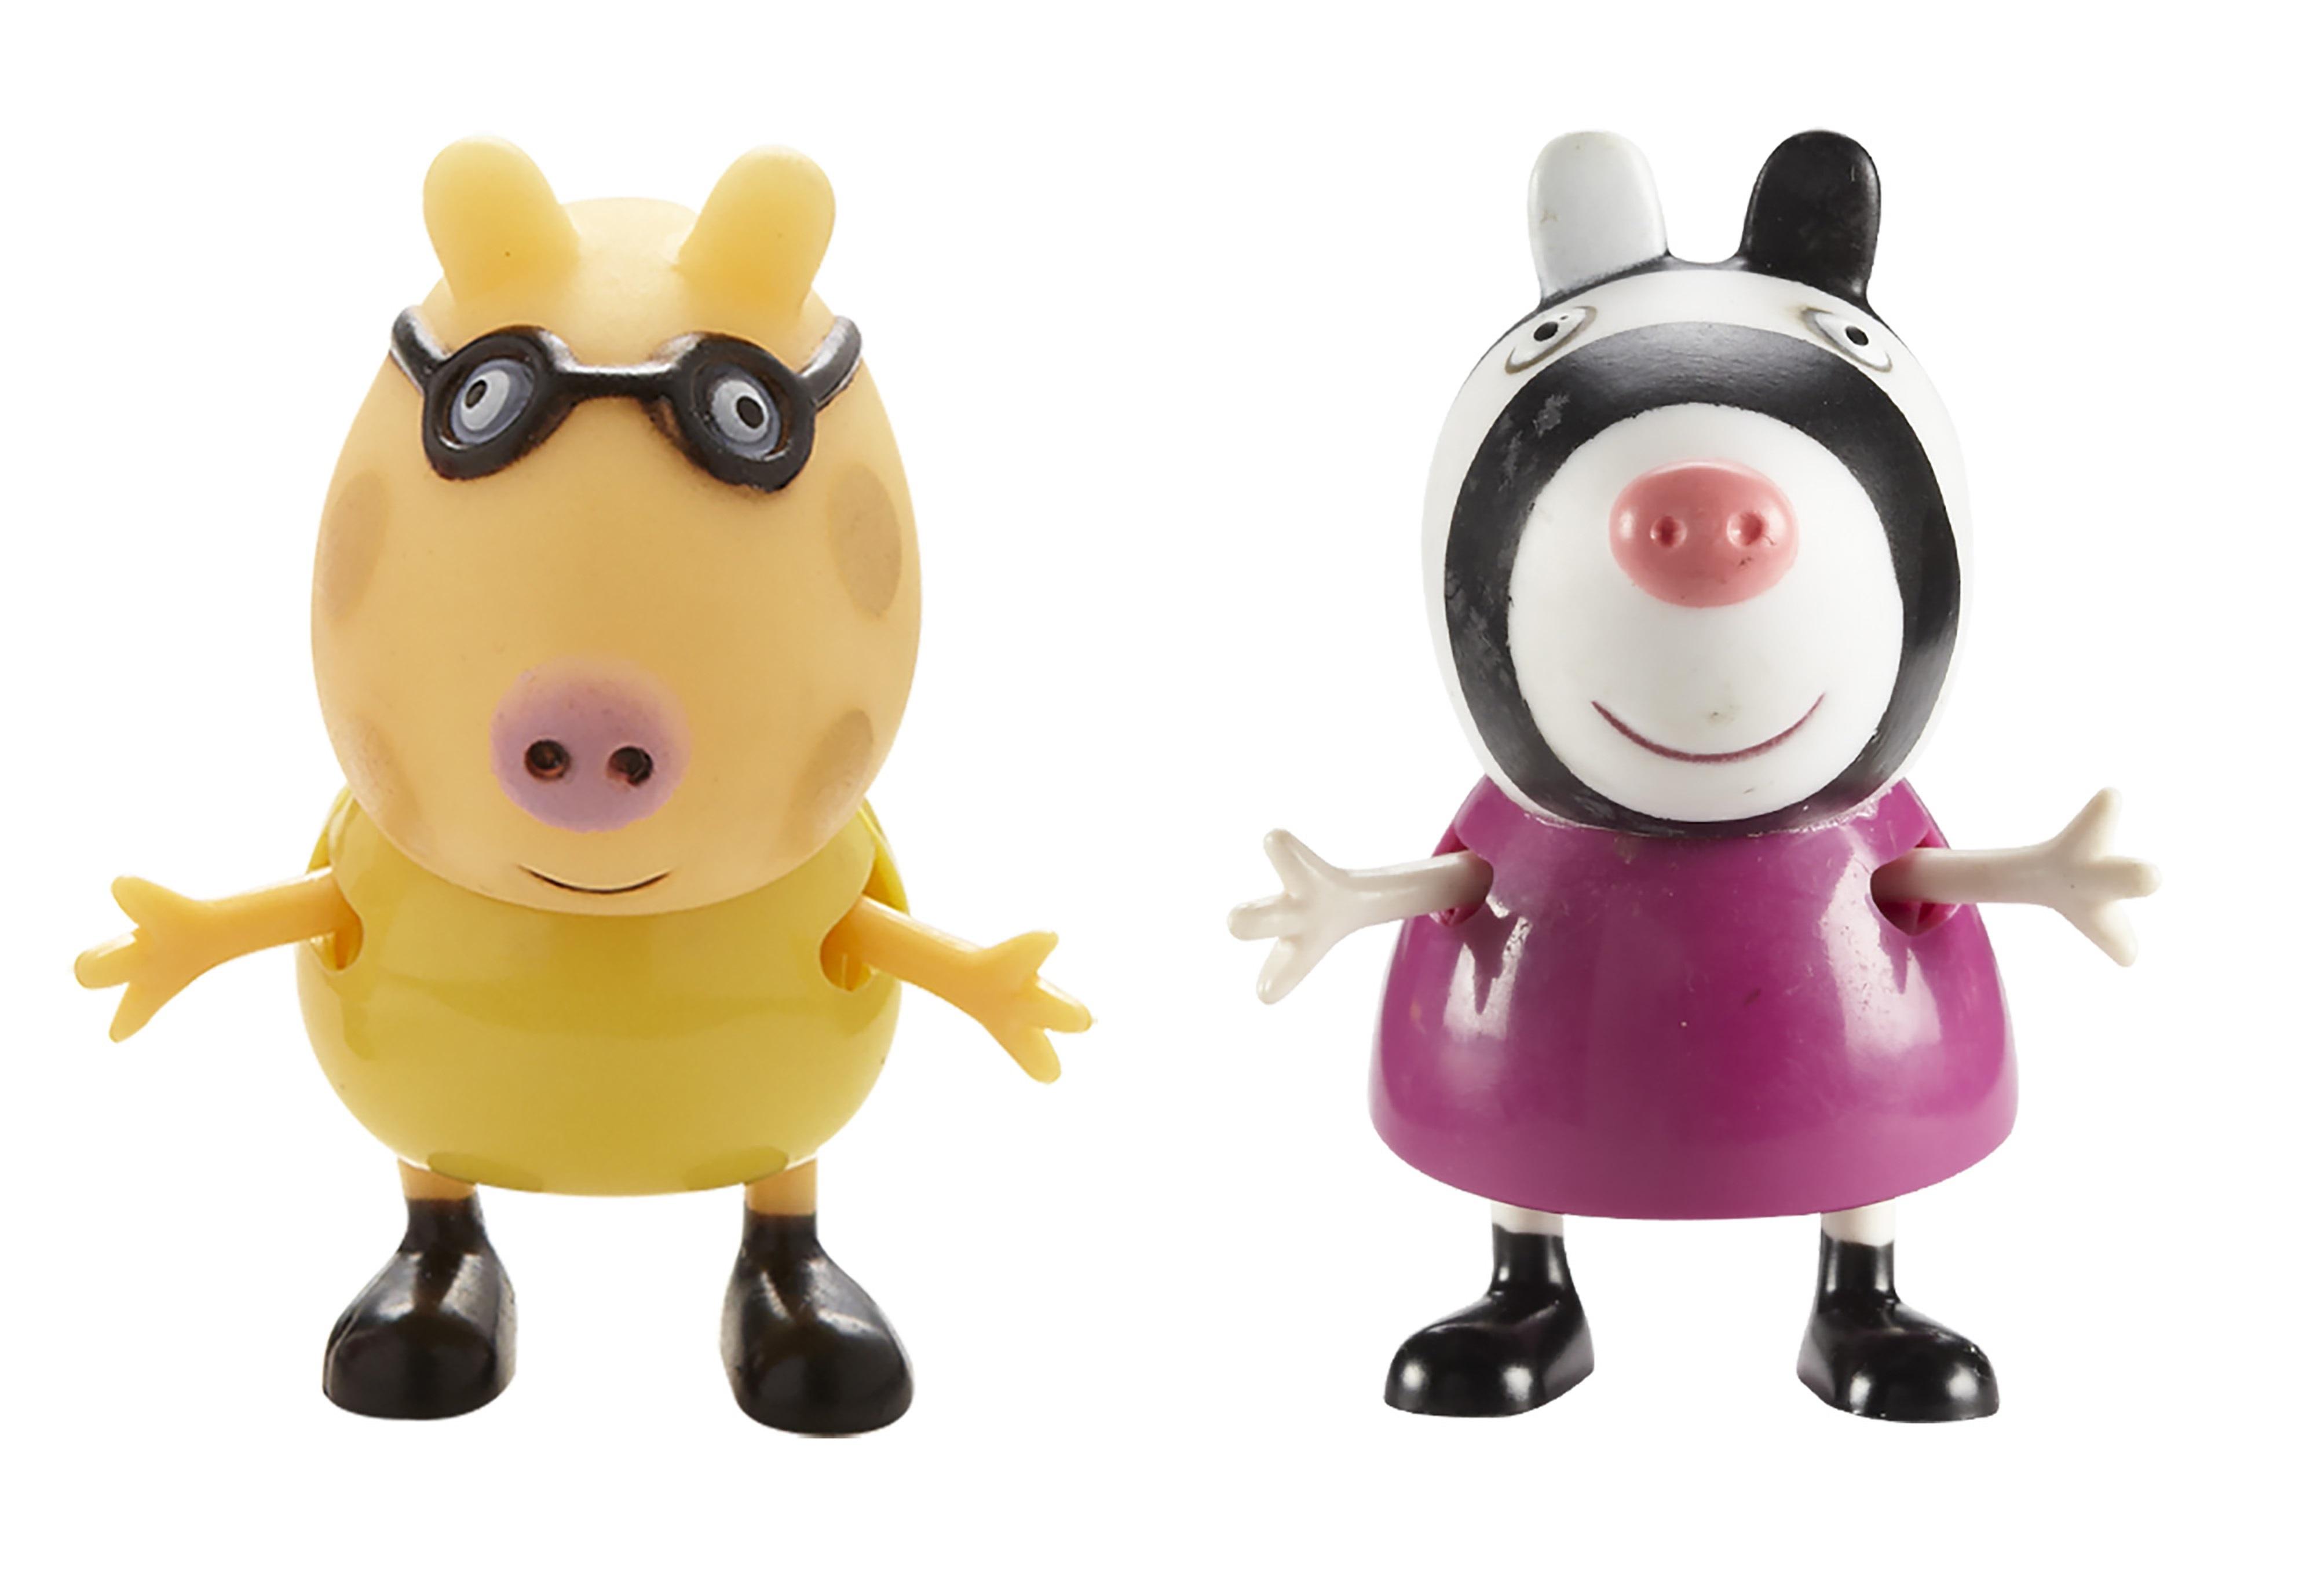 Набор фигурок Peppa Pig: Педро и ЗоиВаш малыш любит мультсериал Свинка Пеппа? Тогда вам идеально подойдет набор Педро и Зои с двумя очаровательными фигурками друзей веселой свинки.<br>